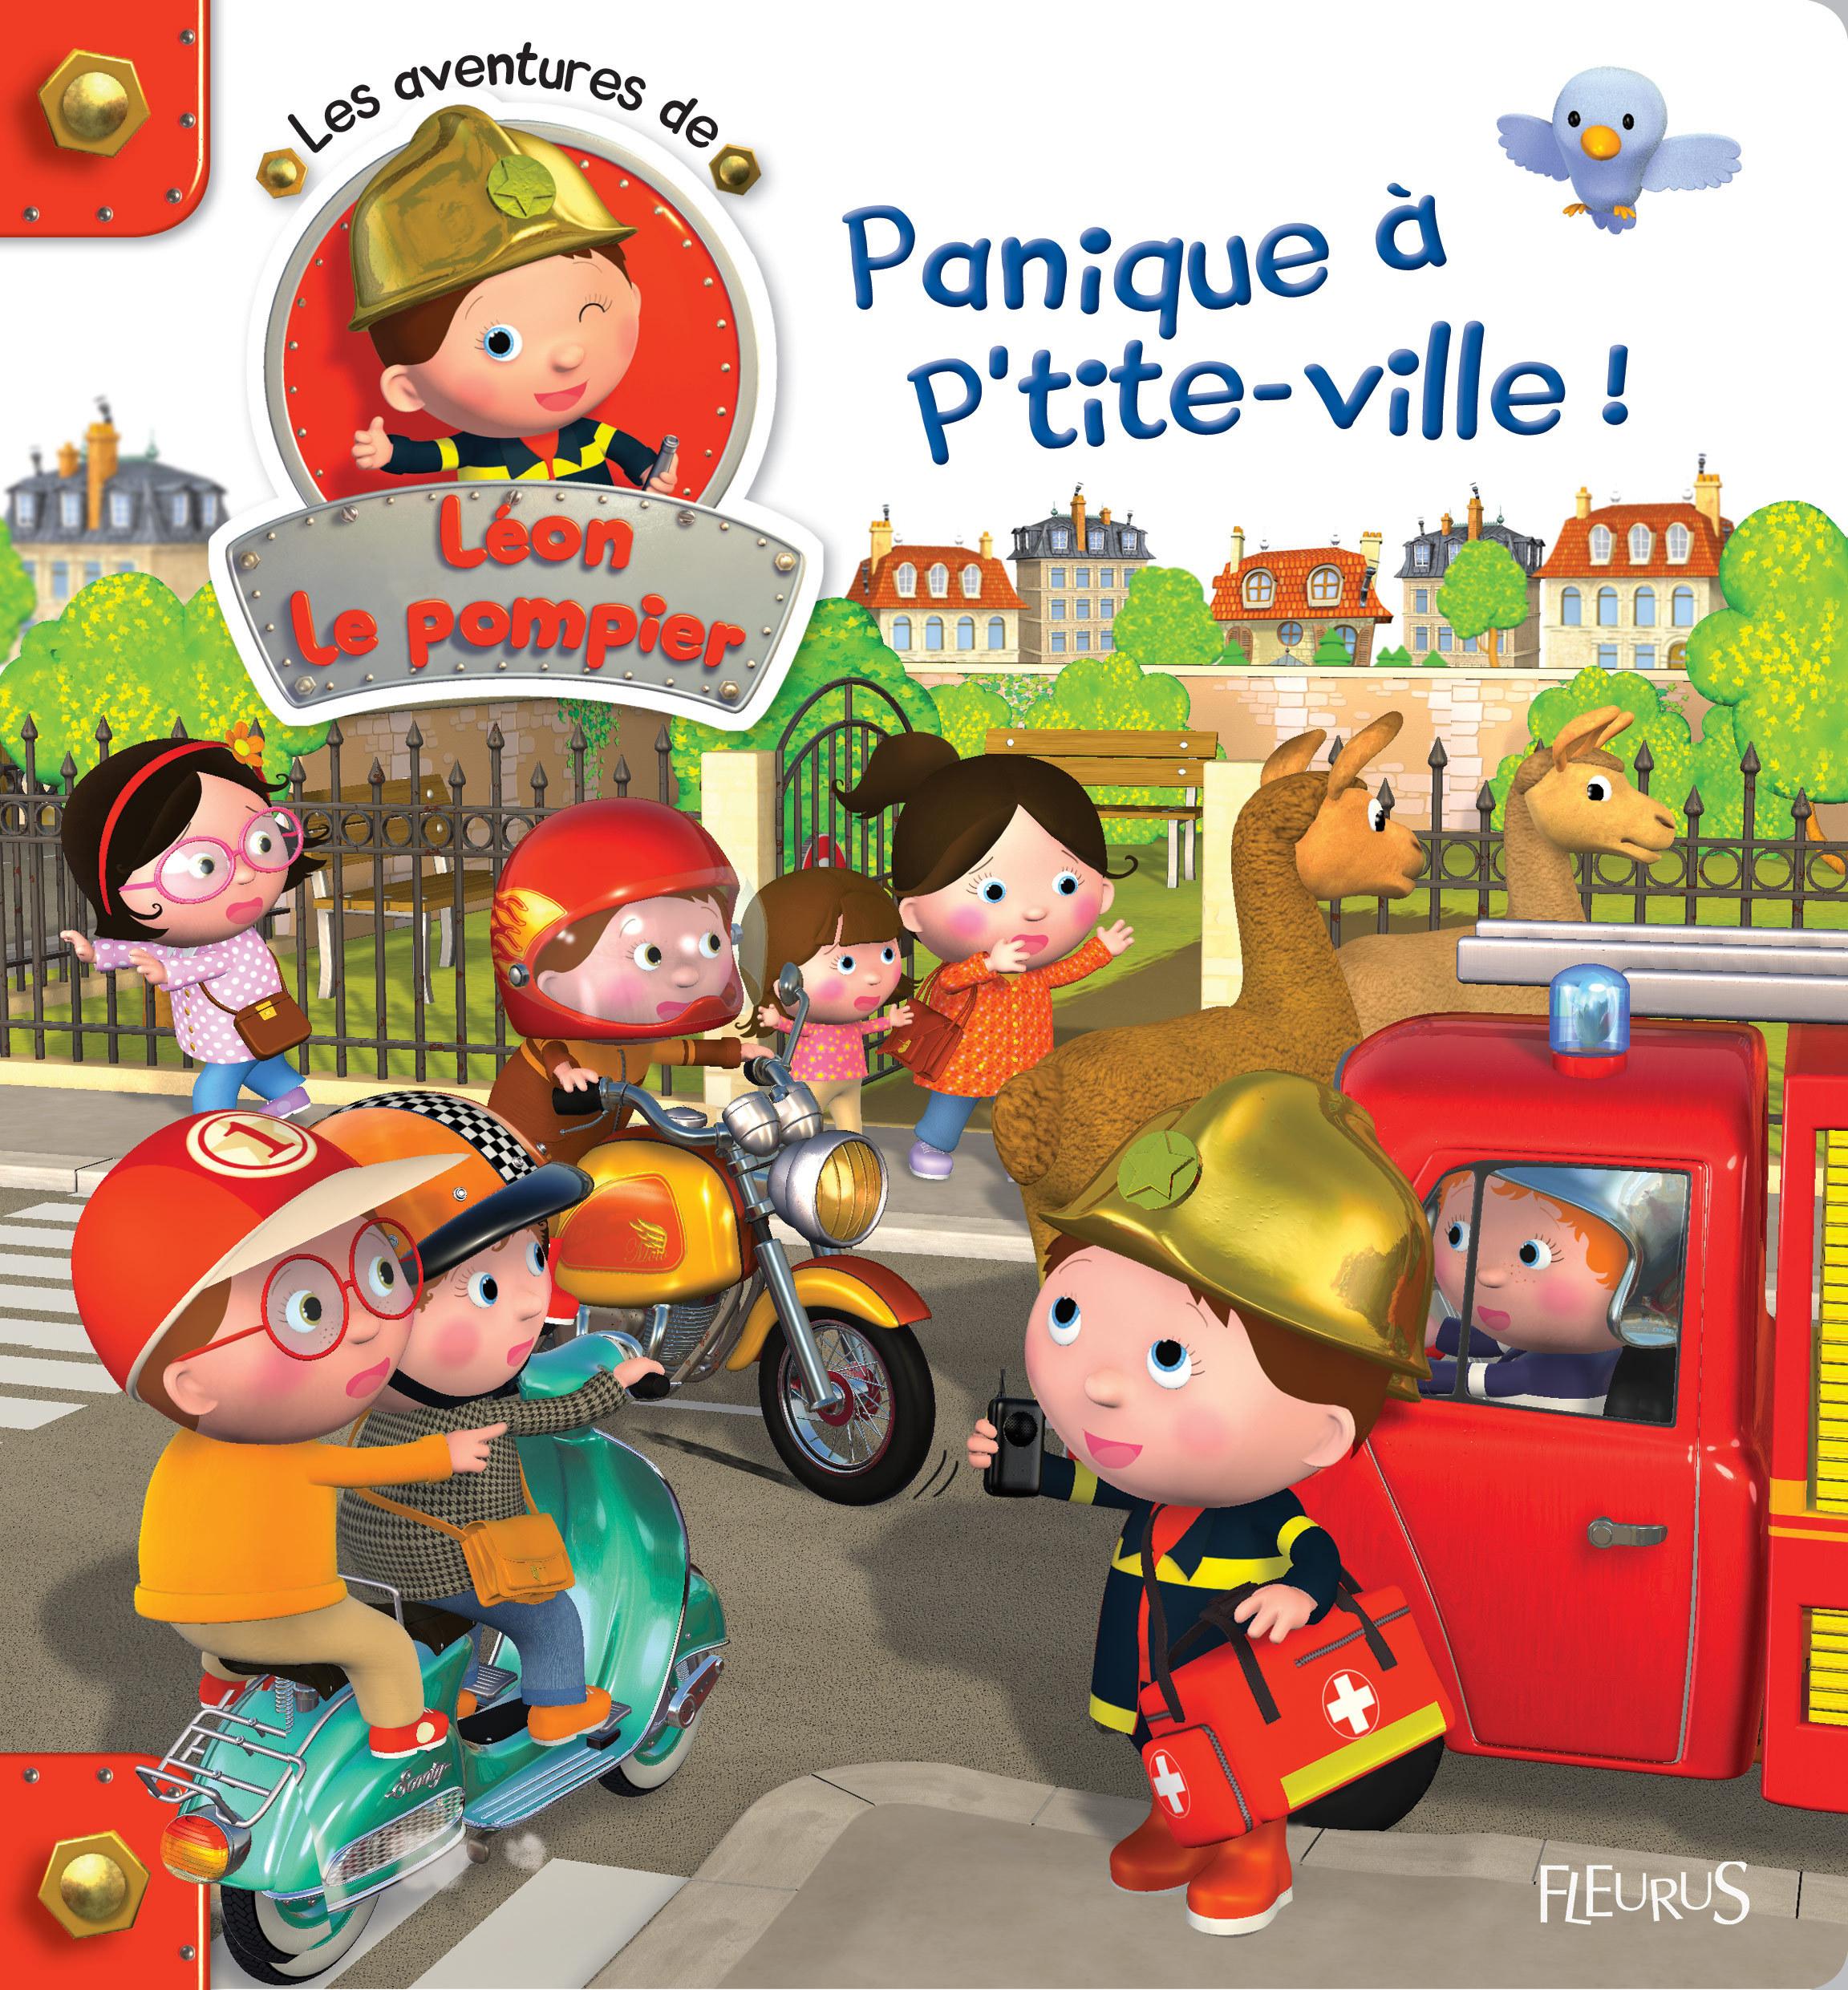 PANIQUE A P'TITE-VILLE